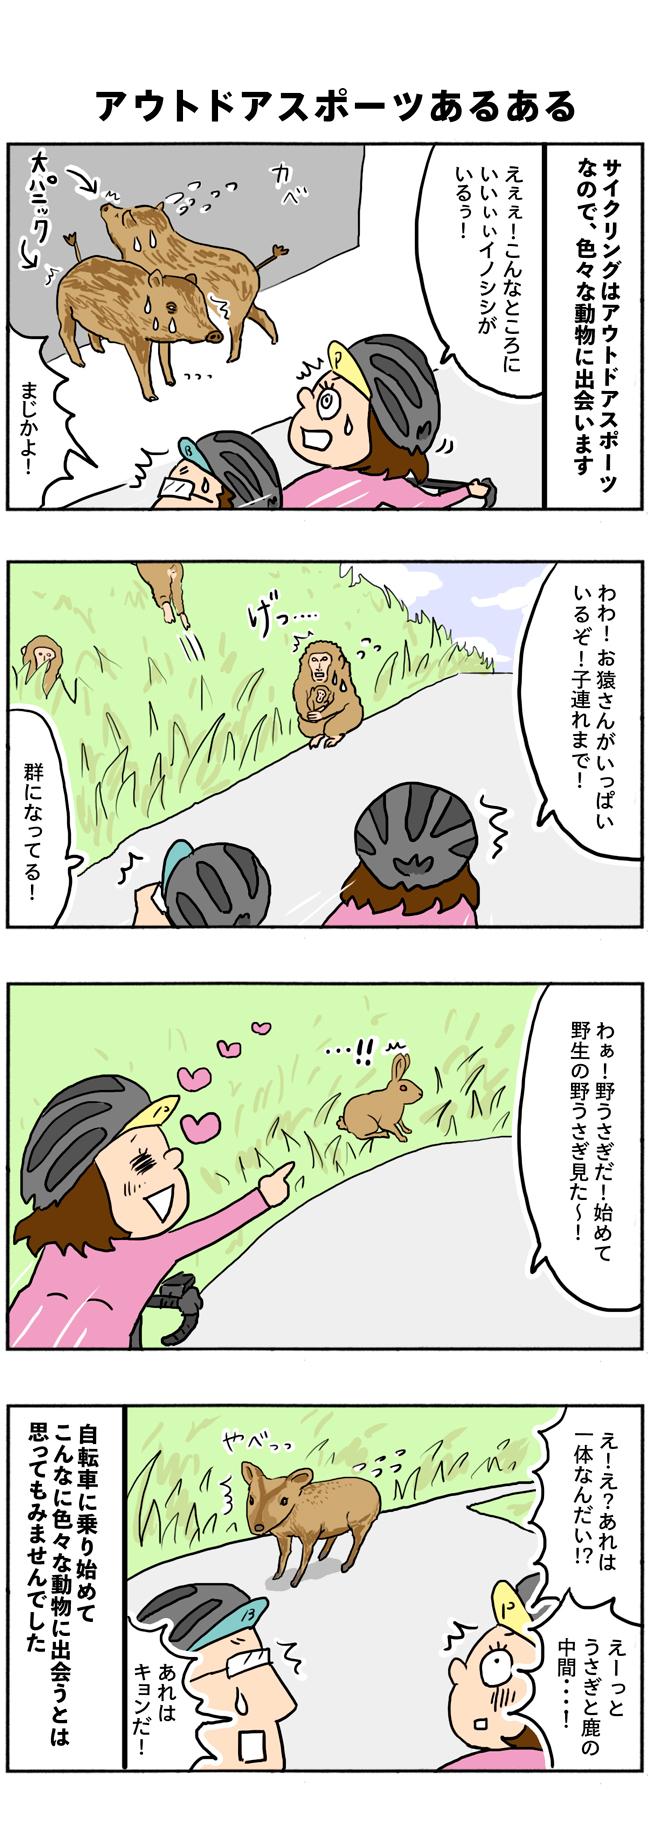 【四コマ漫画】こんなに出会えるなんて!アウトドアスポーツなサイクリングあるある